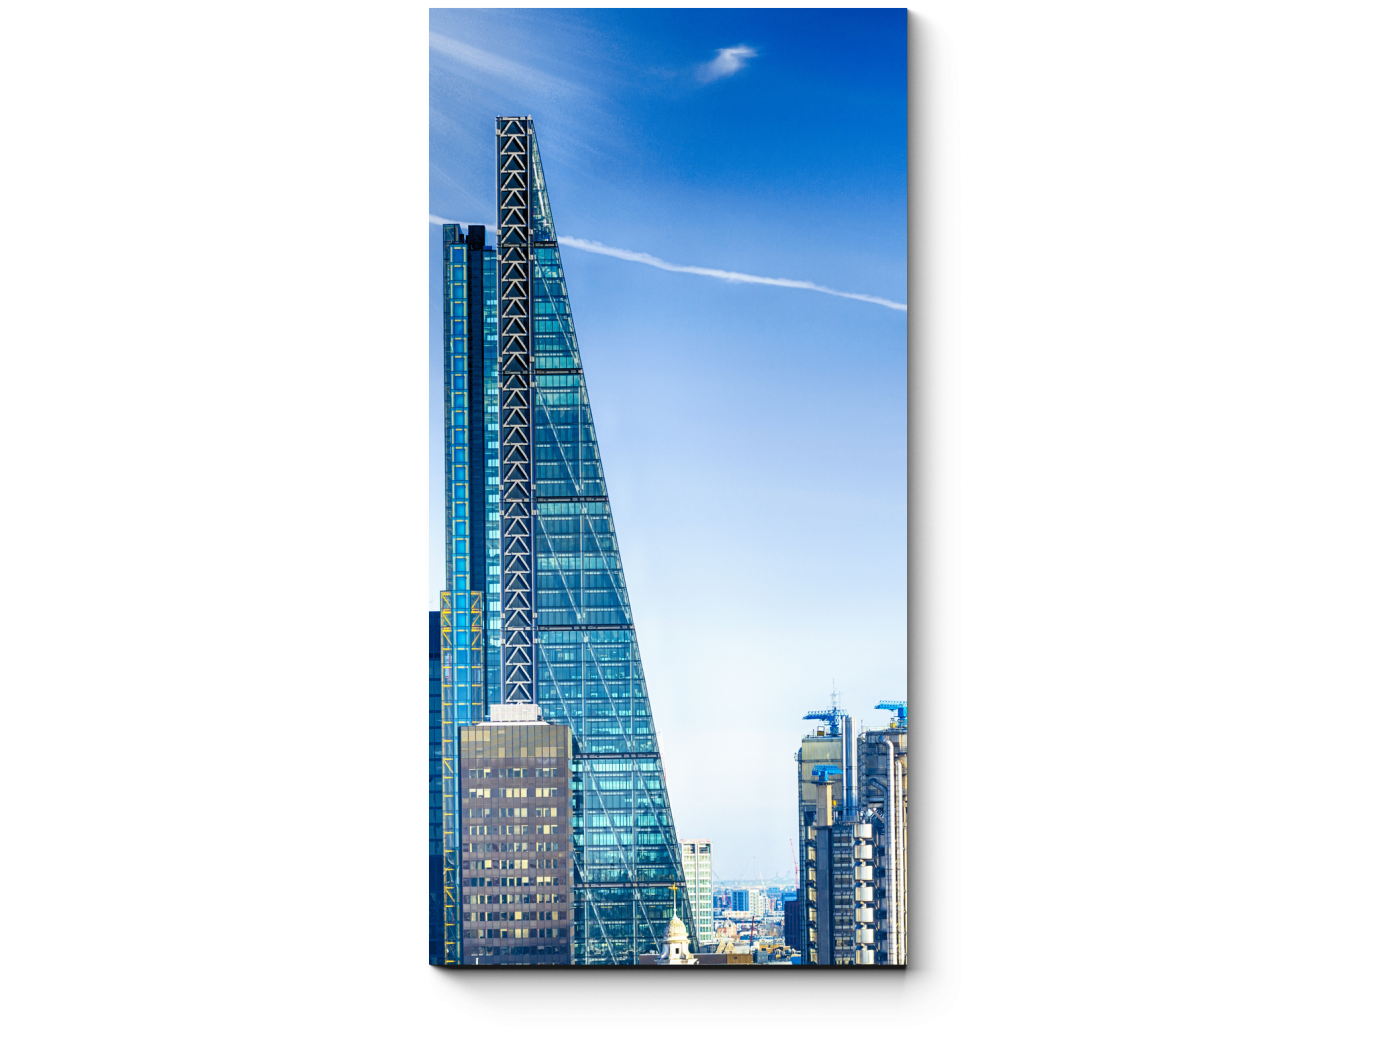 Модульная картина Небоскребы делового Лондона (20x40) фото